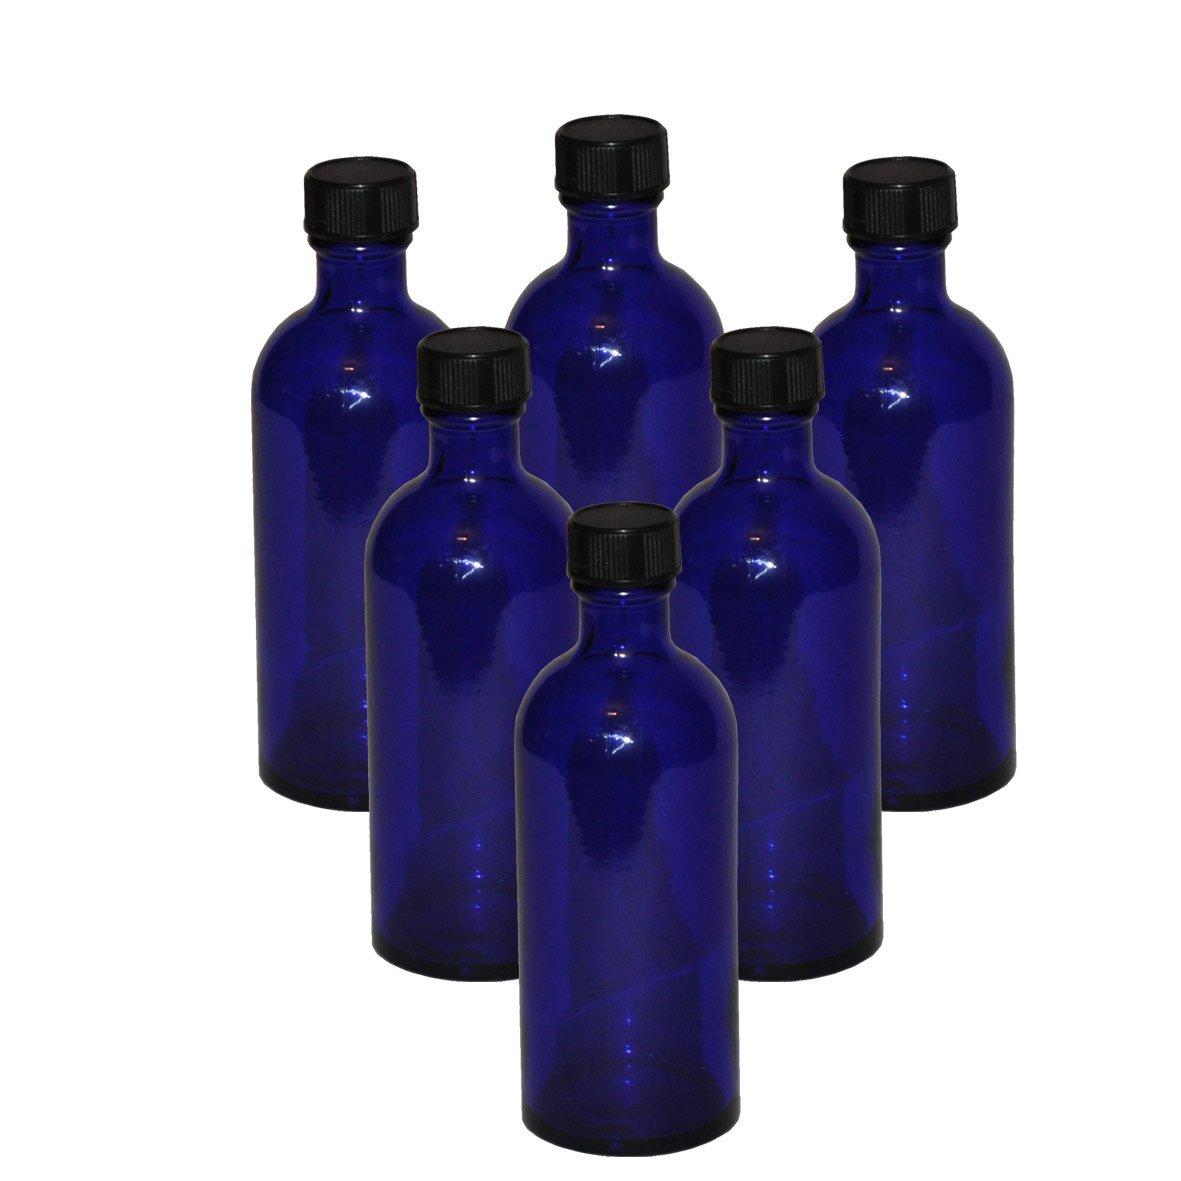 6 x flacons vides en verre bleu avec bouchon - Contenance 100 mL - FLF100